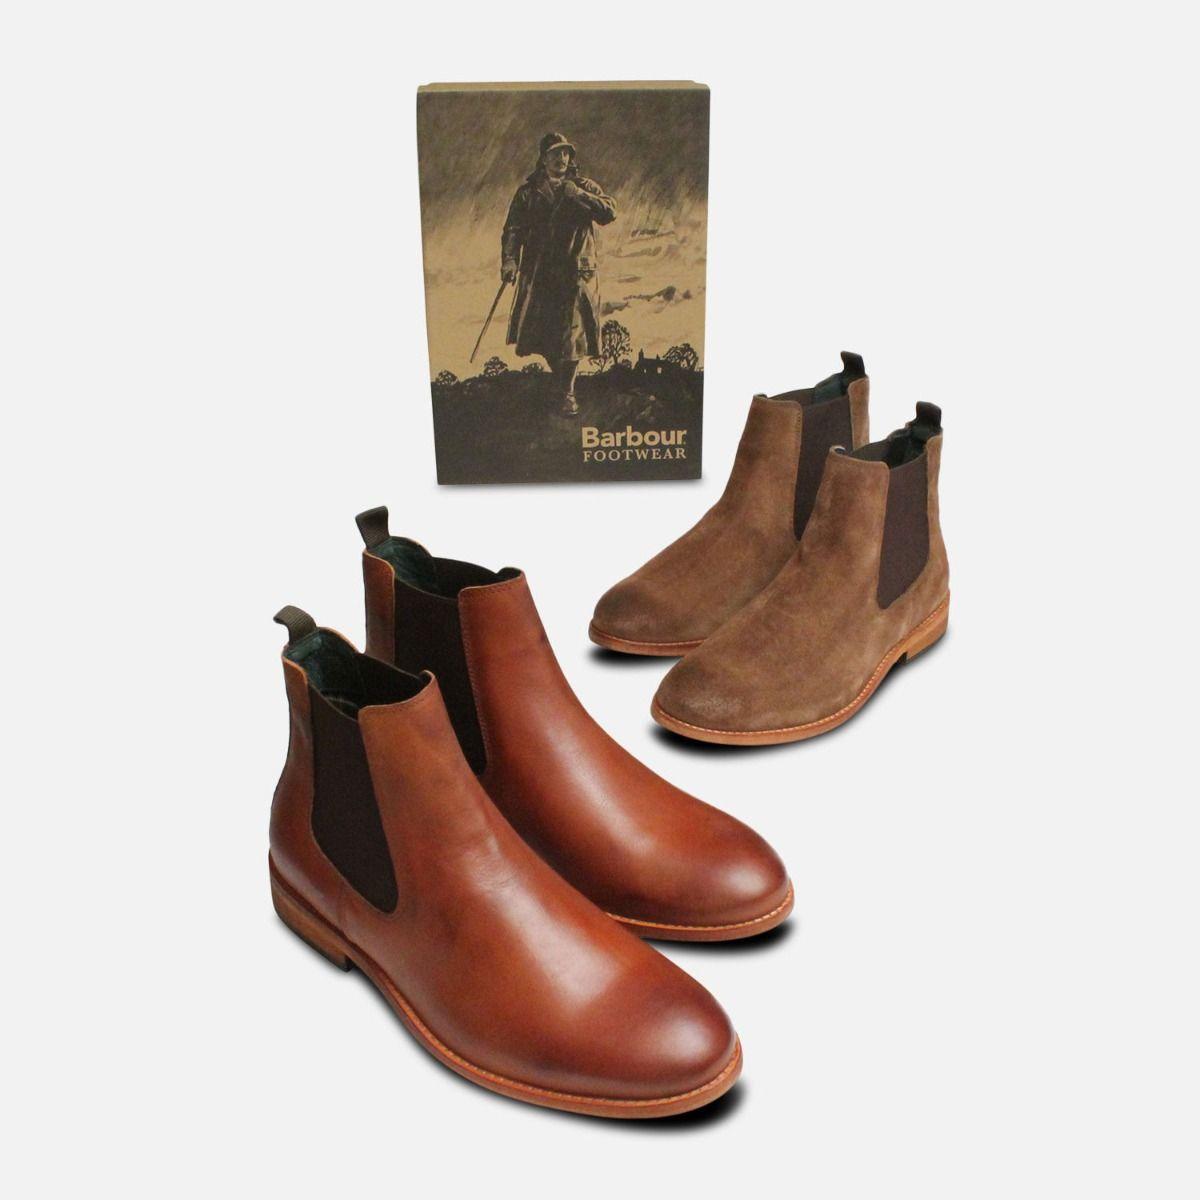 Barbour Antique Cognac Bedlington Chelsea Boots